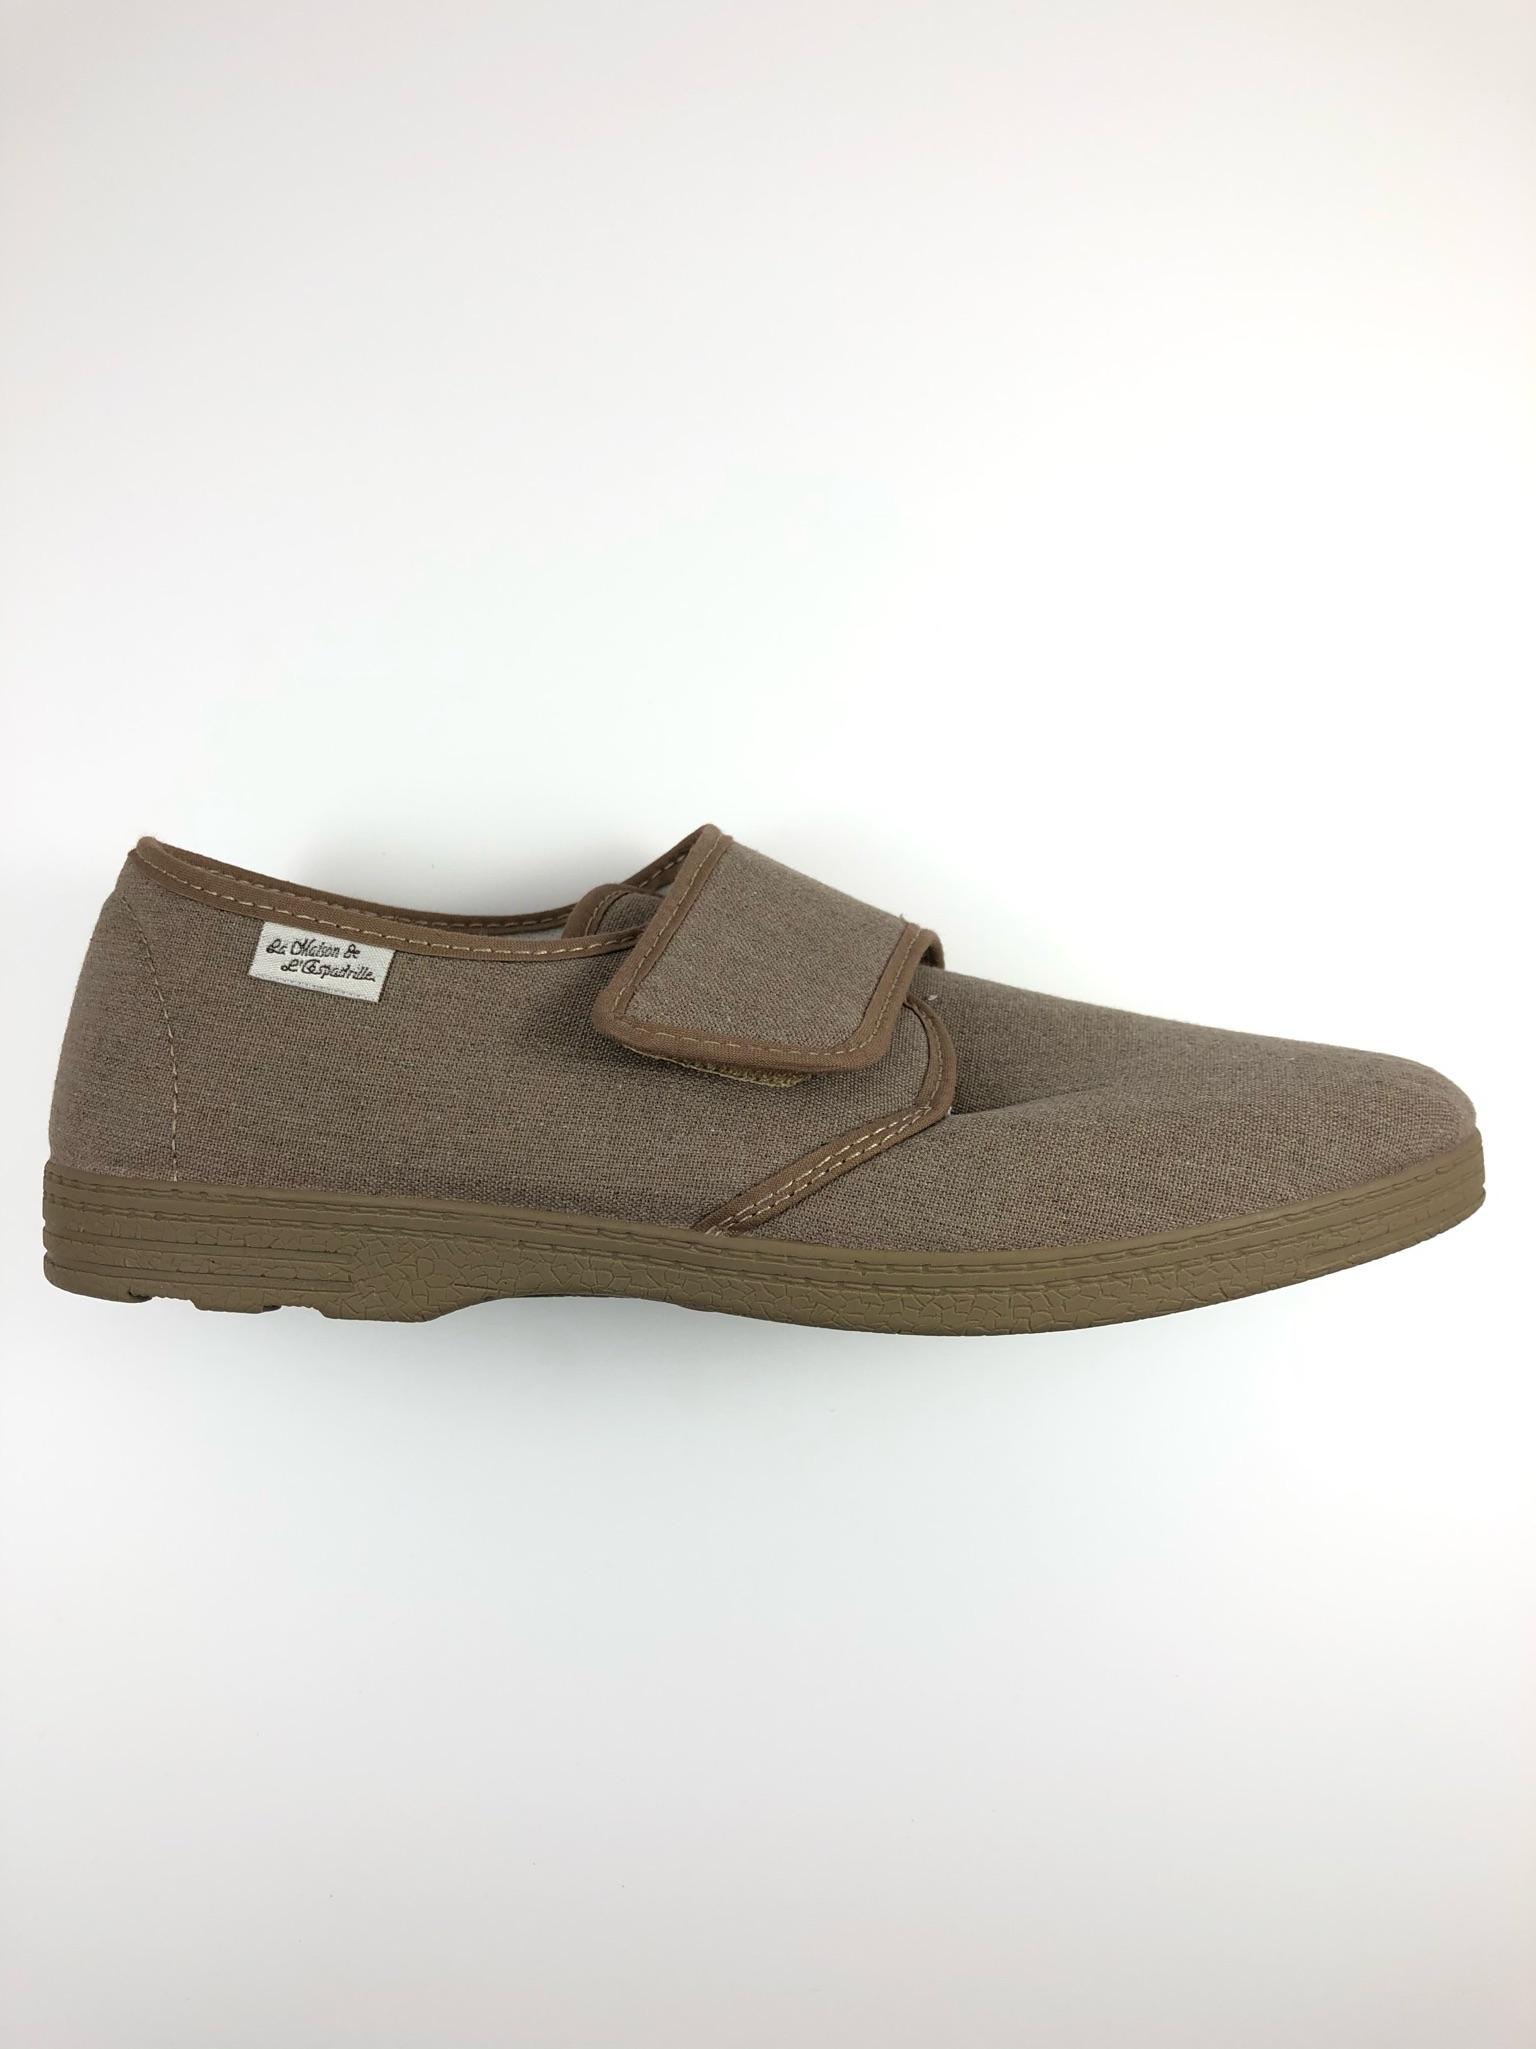 pantoufle-homme-maison-espadrille-velcro-spécial-pieds-sensibles-2614_1